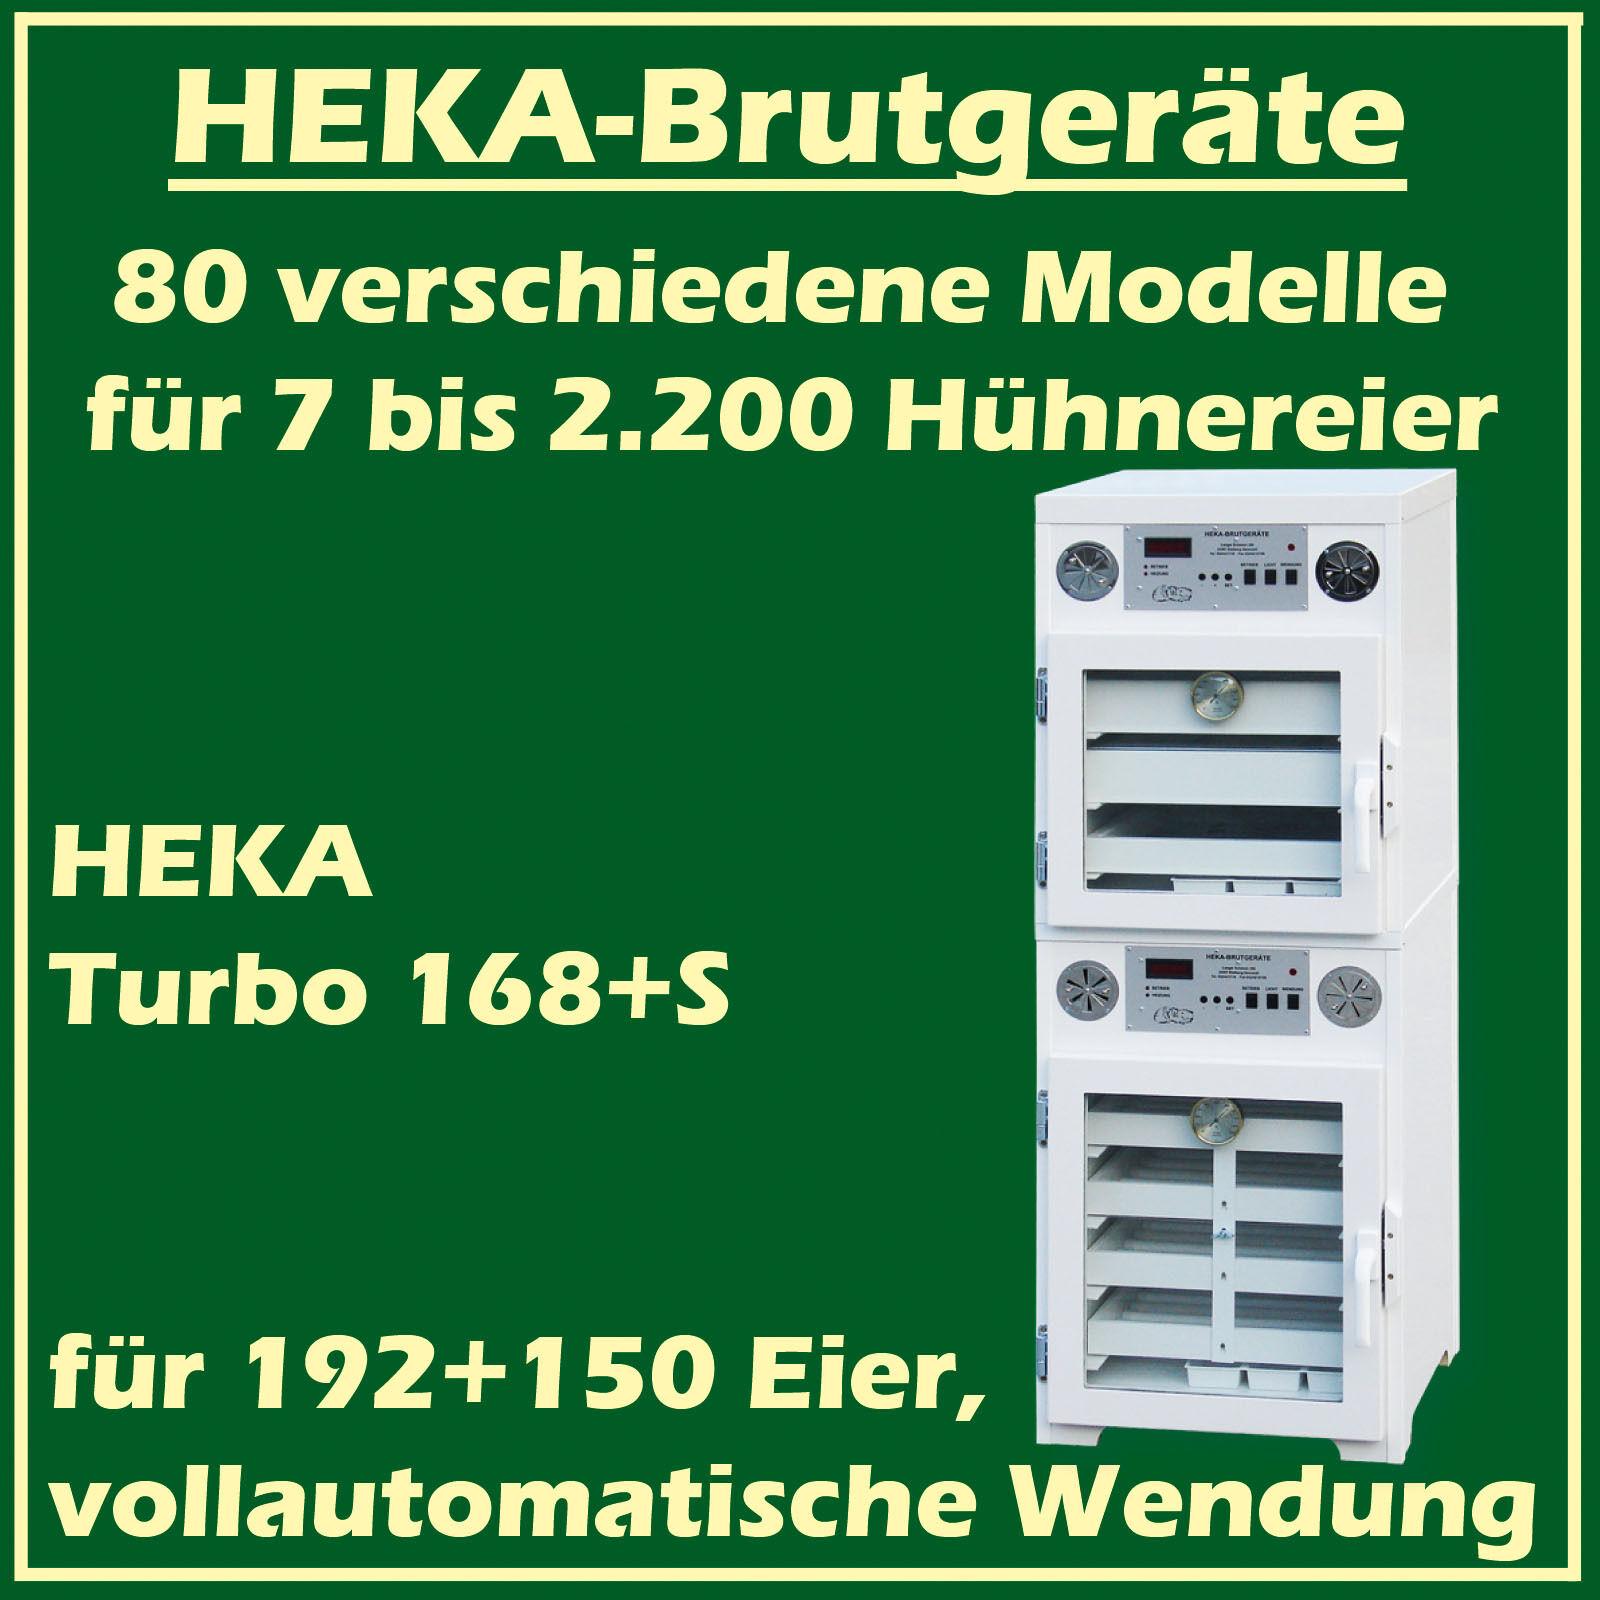 Heka TURBO 168 + S - Incubatrice con un Separato Schlupfraum, per 192+150